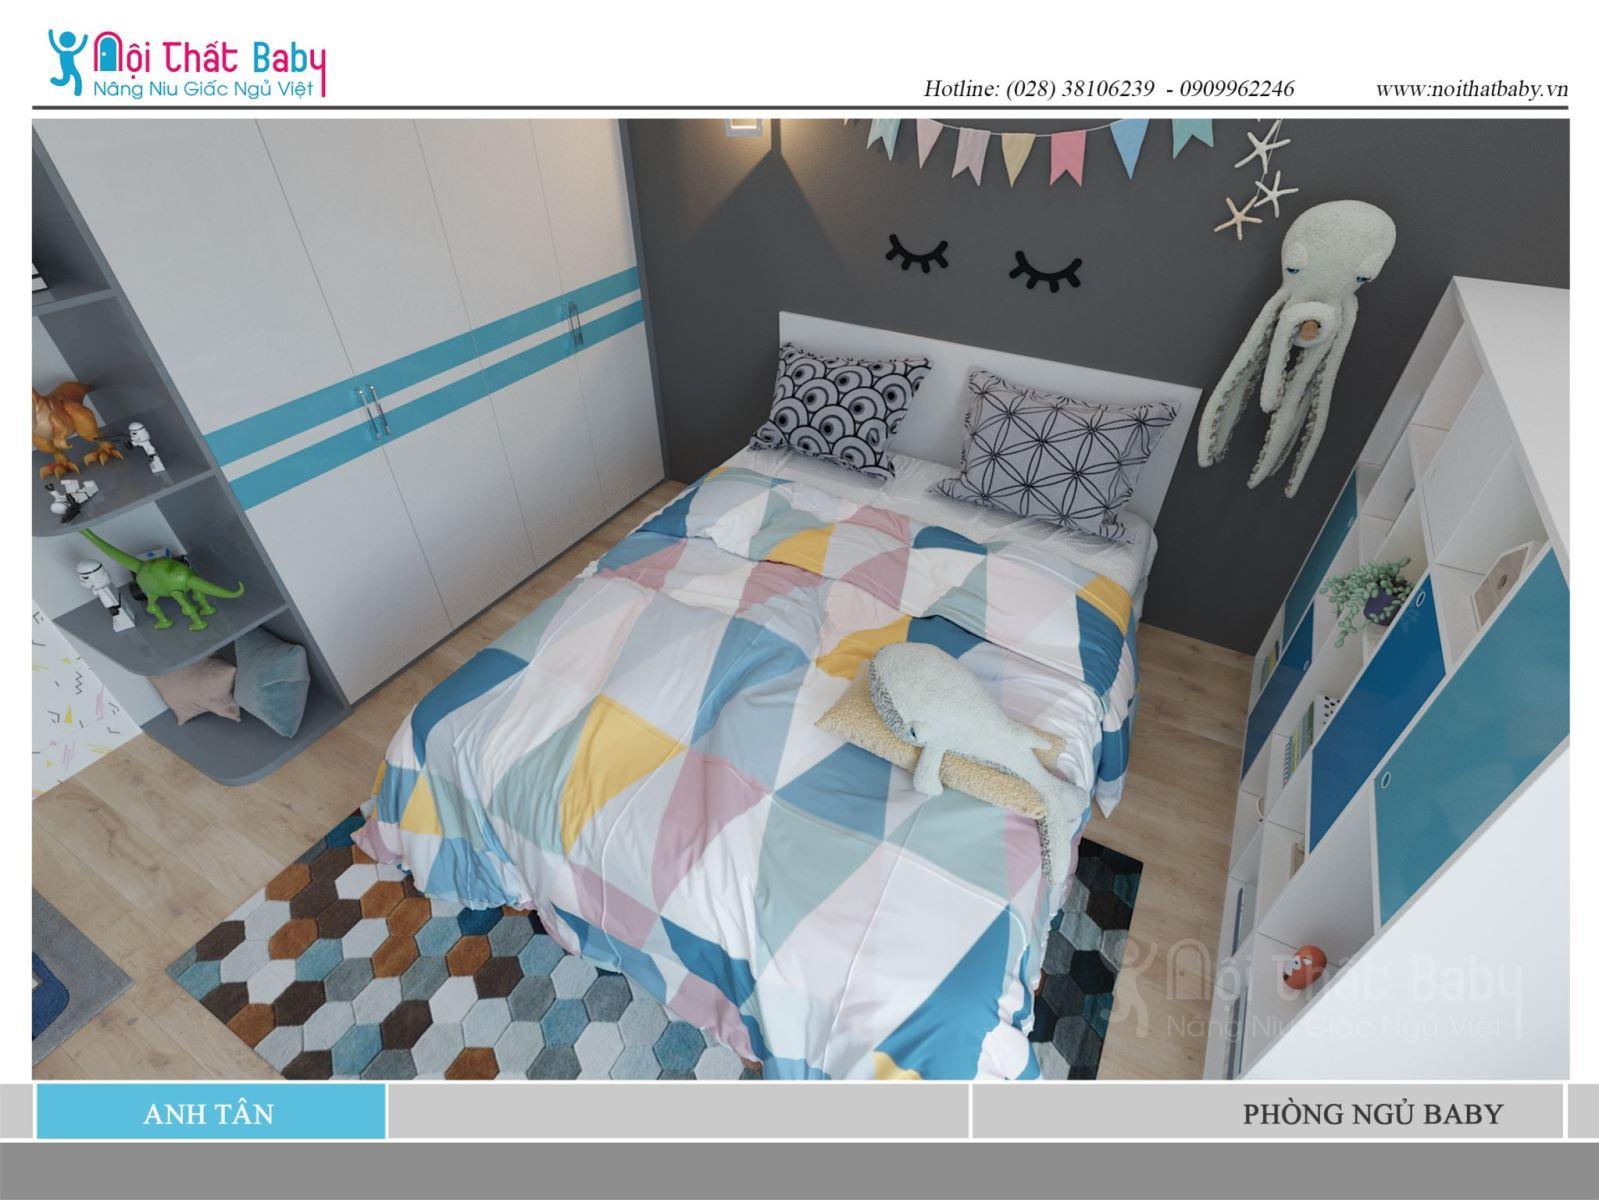 Tổng hợp những mẫu giường ngủ hiện đại cho baby